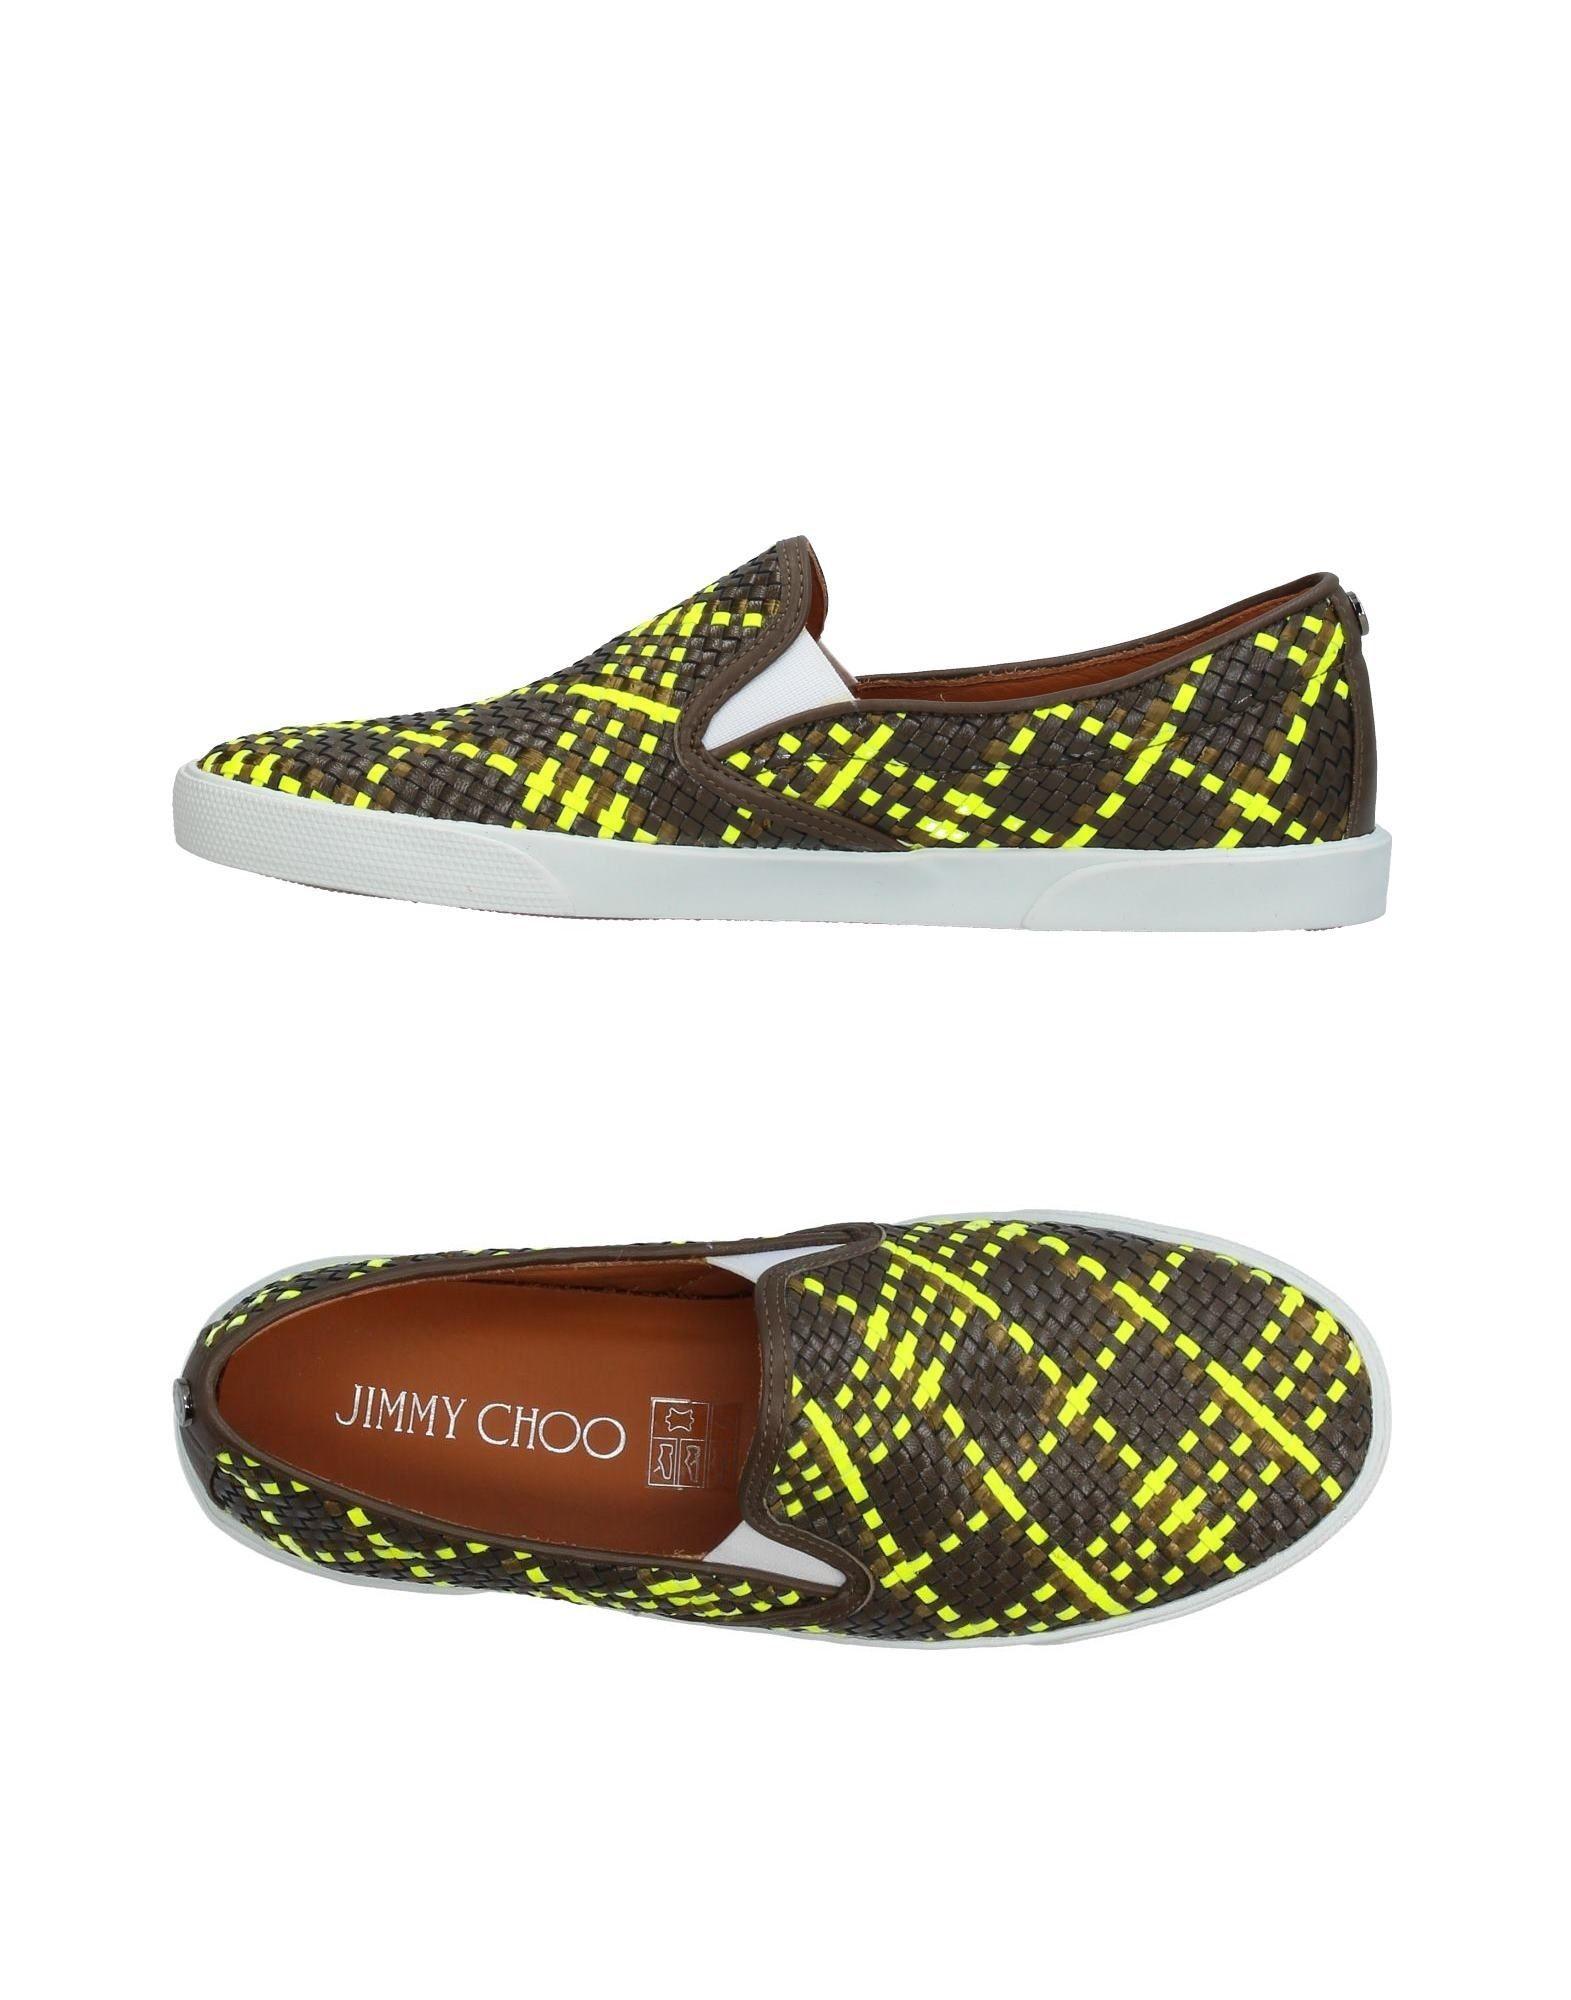 Jimmy Choo Choo Jimmy Sneakers Damen  11399609JE Beliebte Schuhe 4833c8